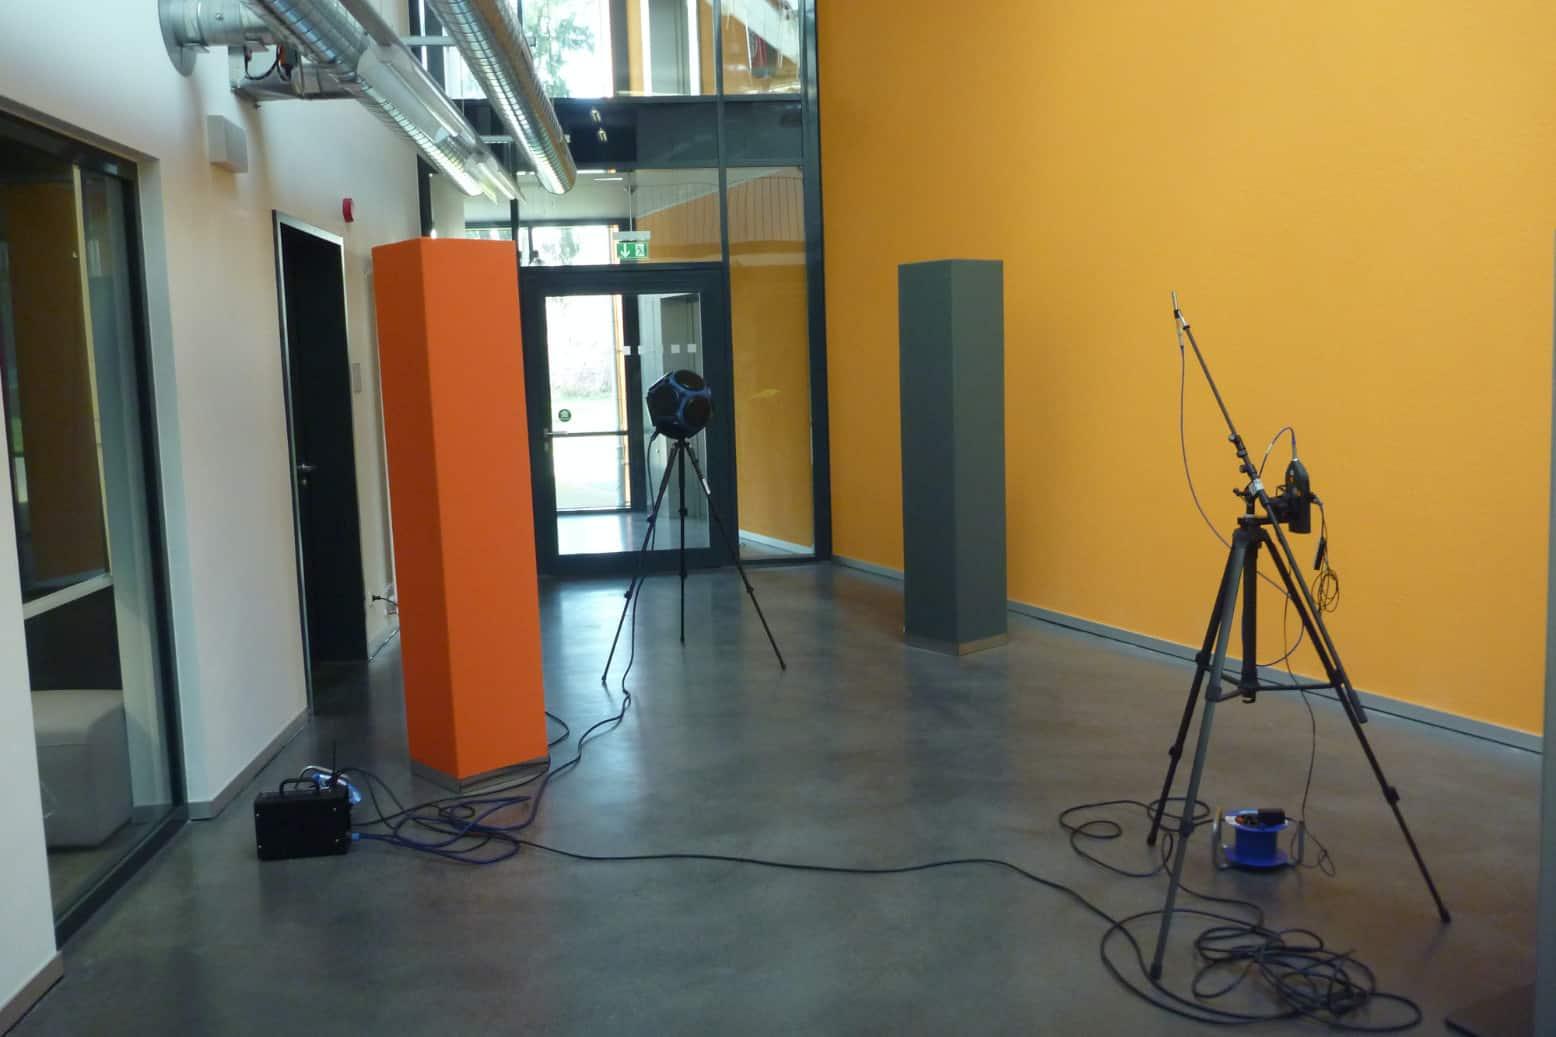 Messen / Berechnen / Testen / Akustik / Experte / Gestalter / Ruhe / Akustikmessung